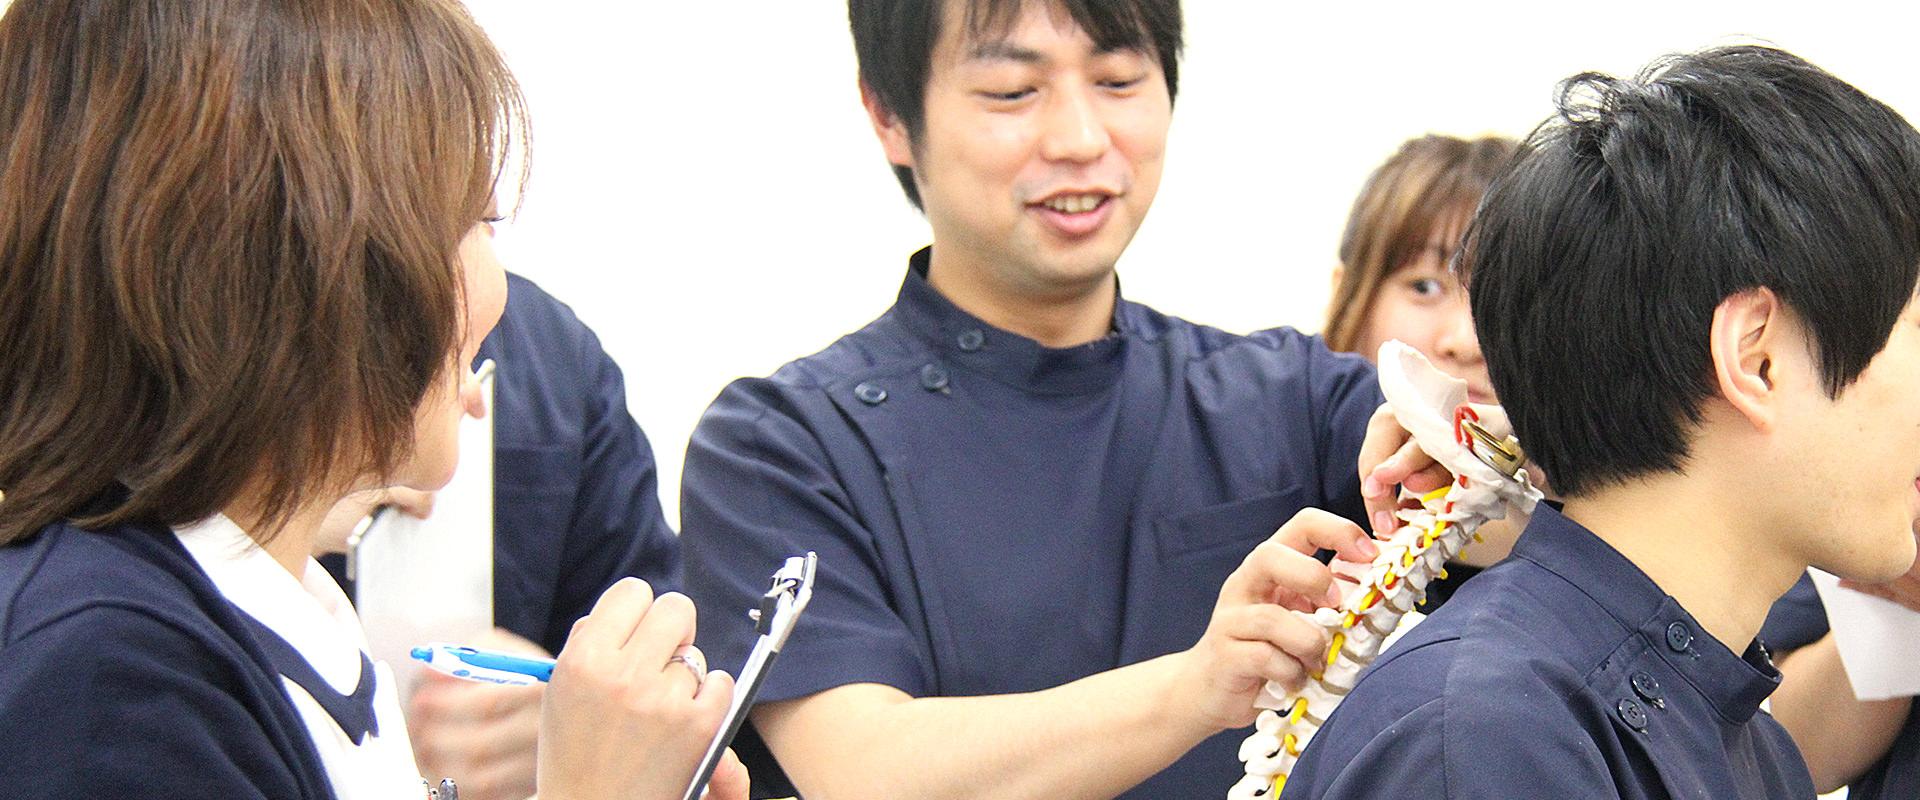 柔道整復師・鍼灸師・あん摩マッサージ師・アスレチックトレーナー